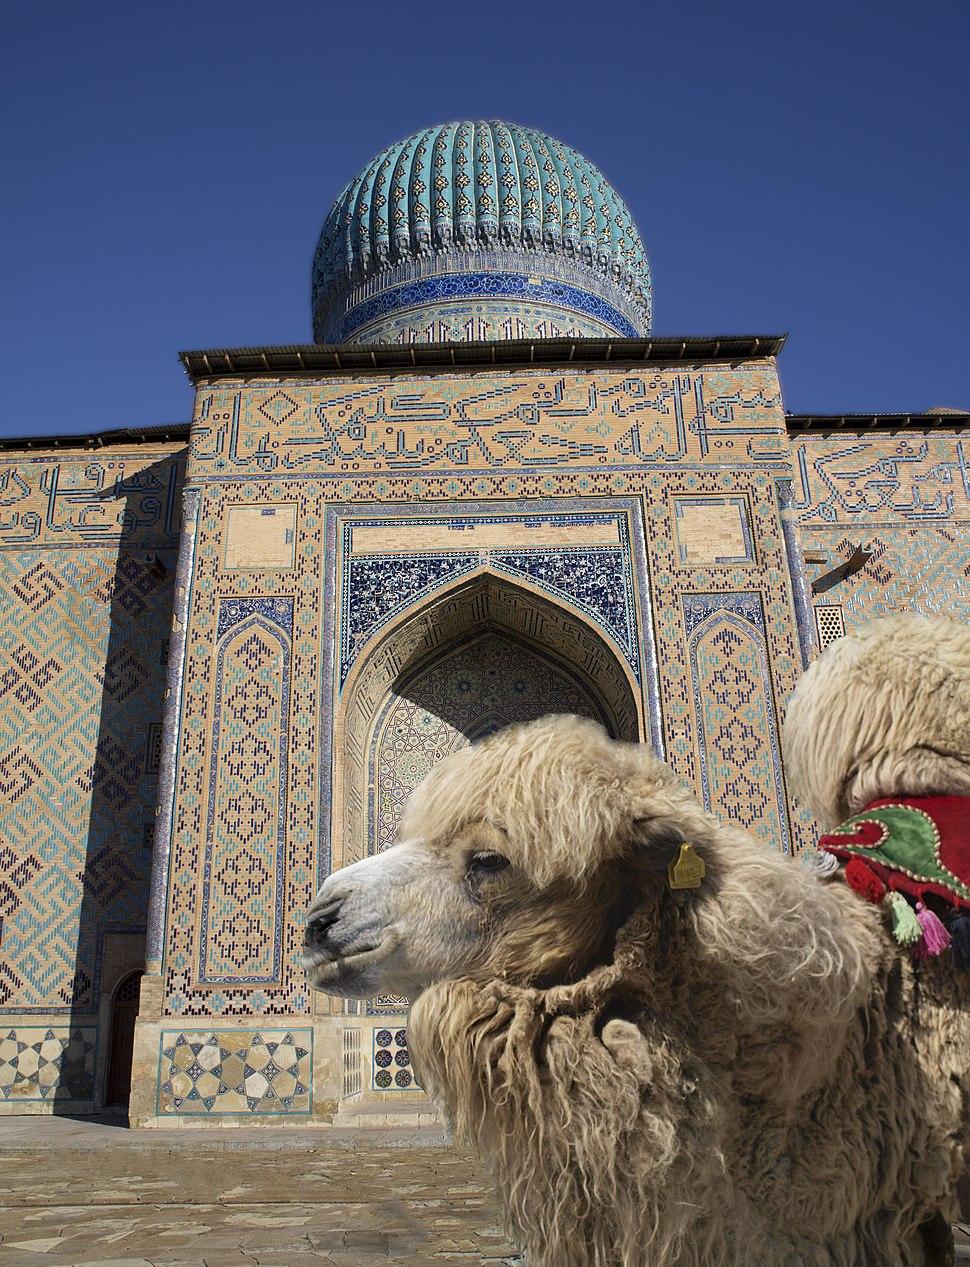 Bactrian camel in Kazakhstan